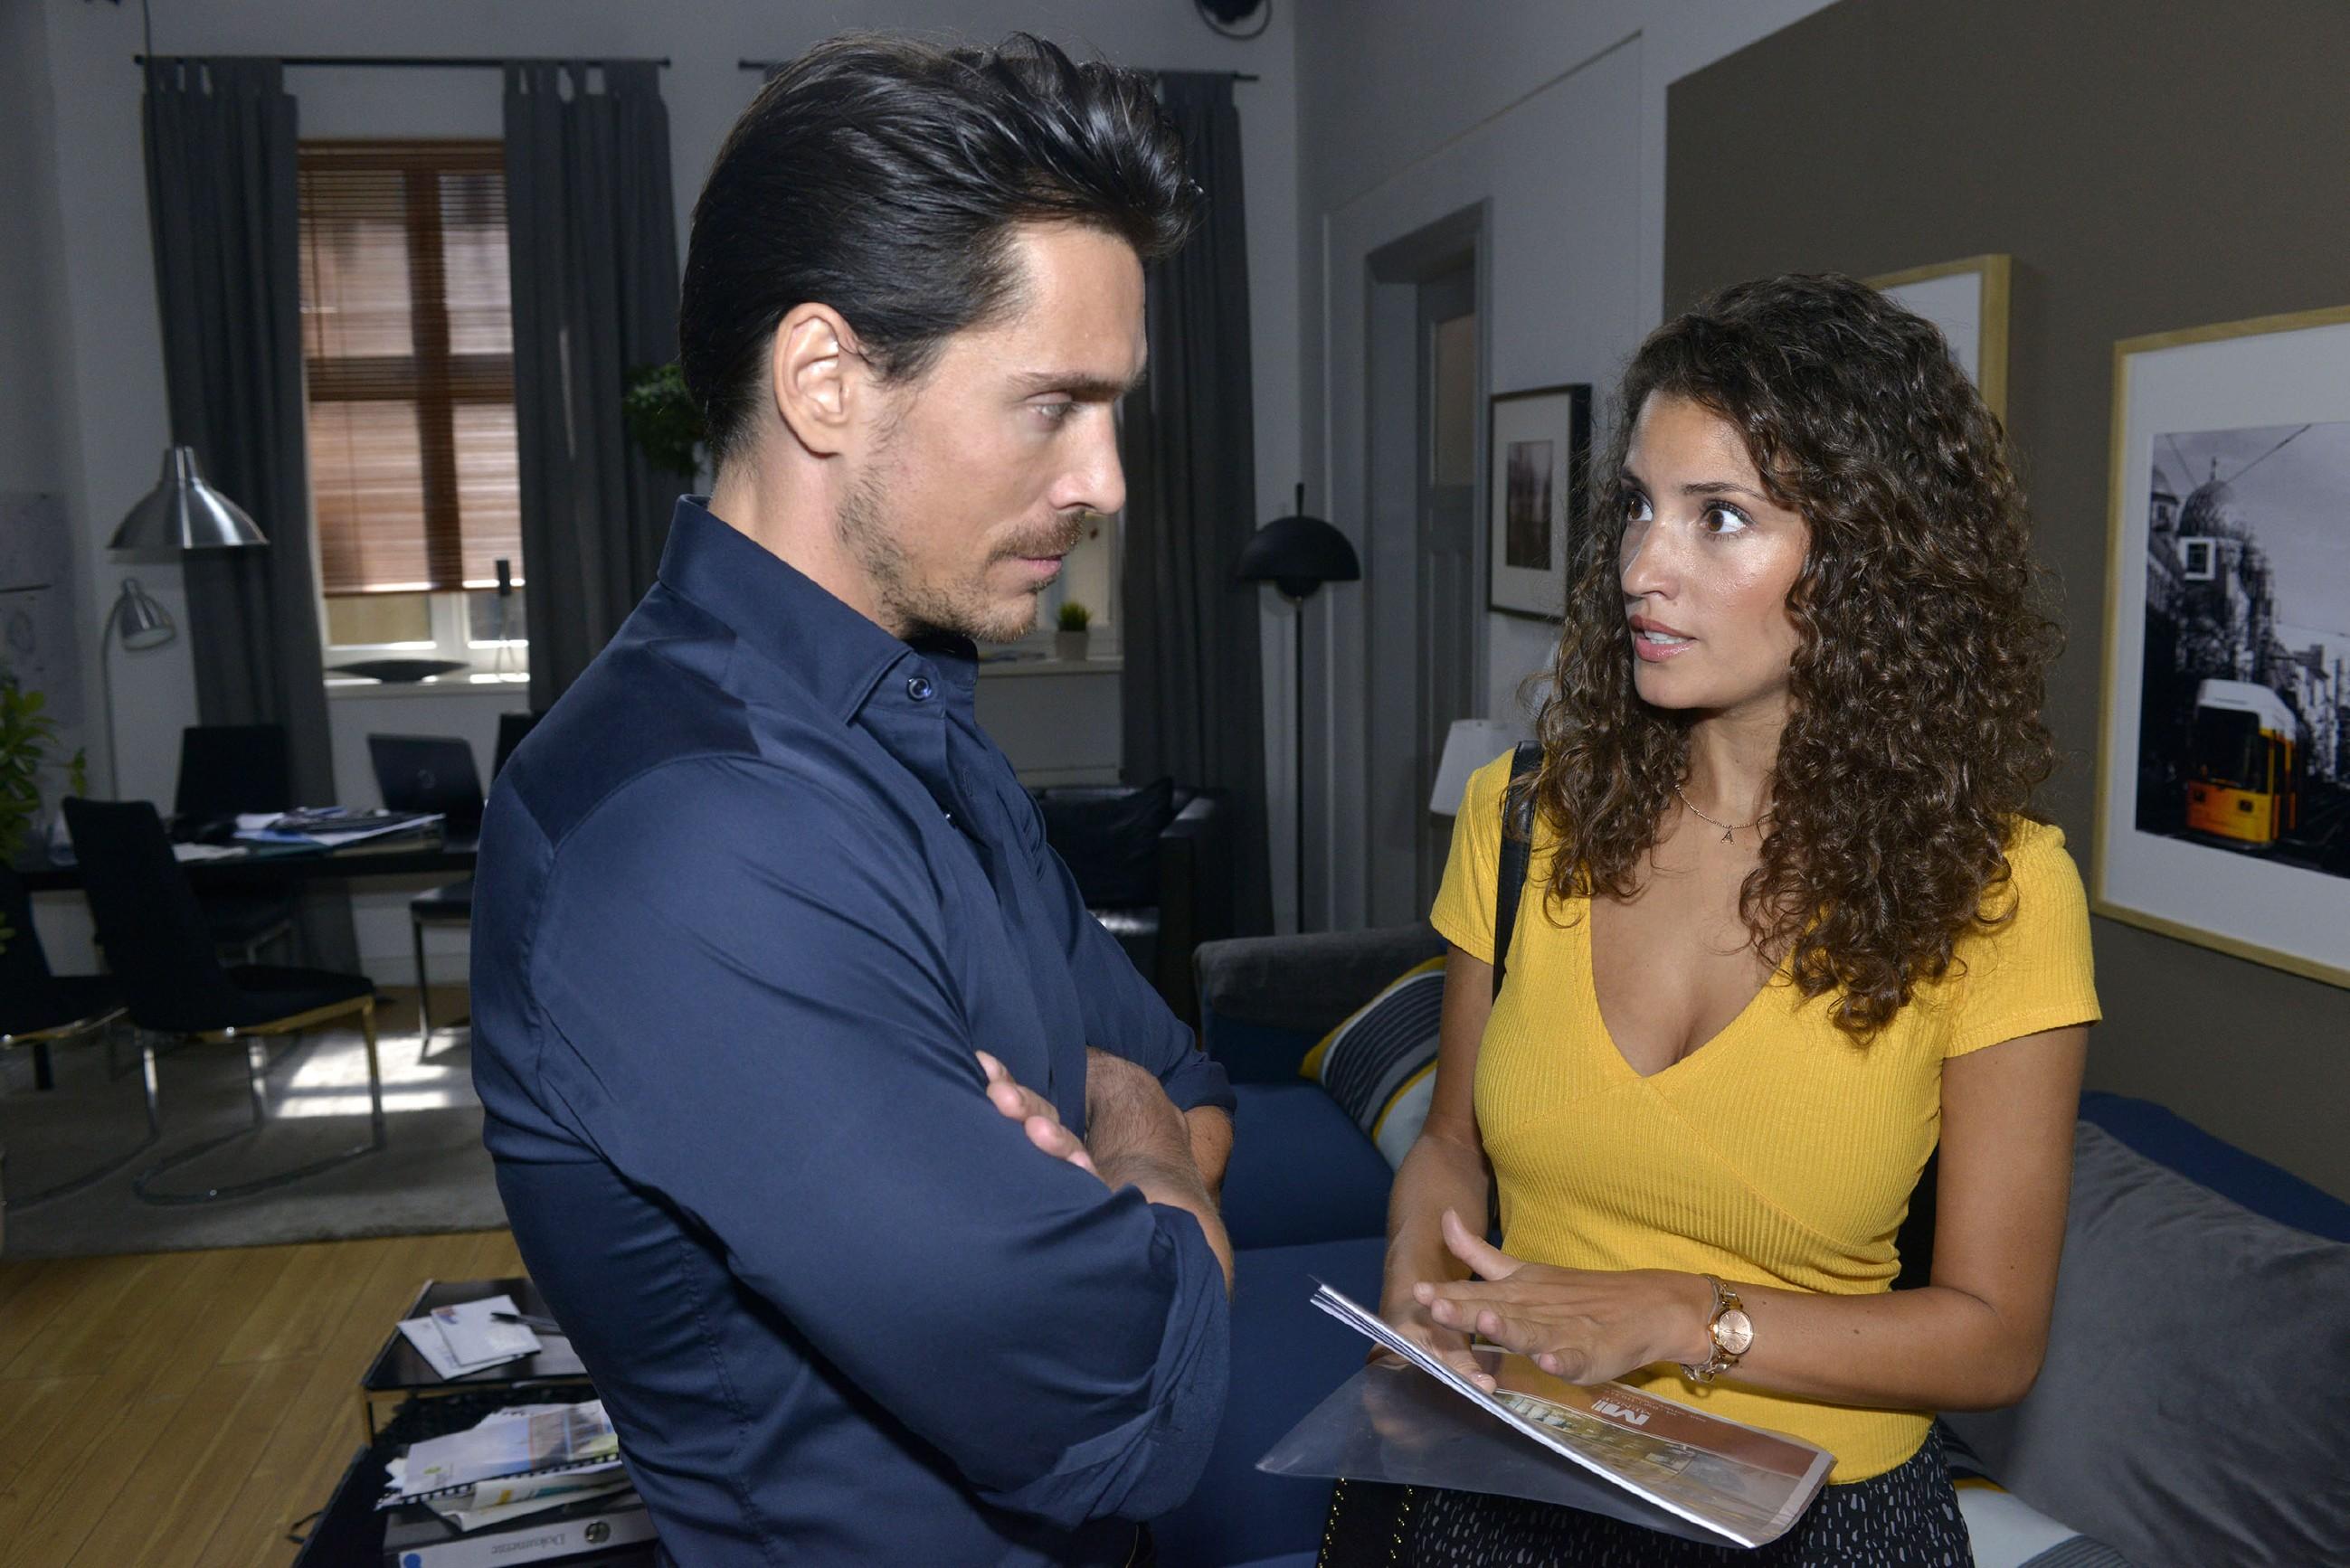 Als David (Philipp Christopher) sie um einen heiklen Gefallen bittet, muss sich Ayla (Nadine Menz) fragen, ob ihr Vertrauen in ihn groß genug ist... (Quelle: RTL / Rolf Baumgartner)